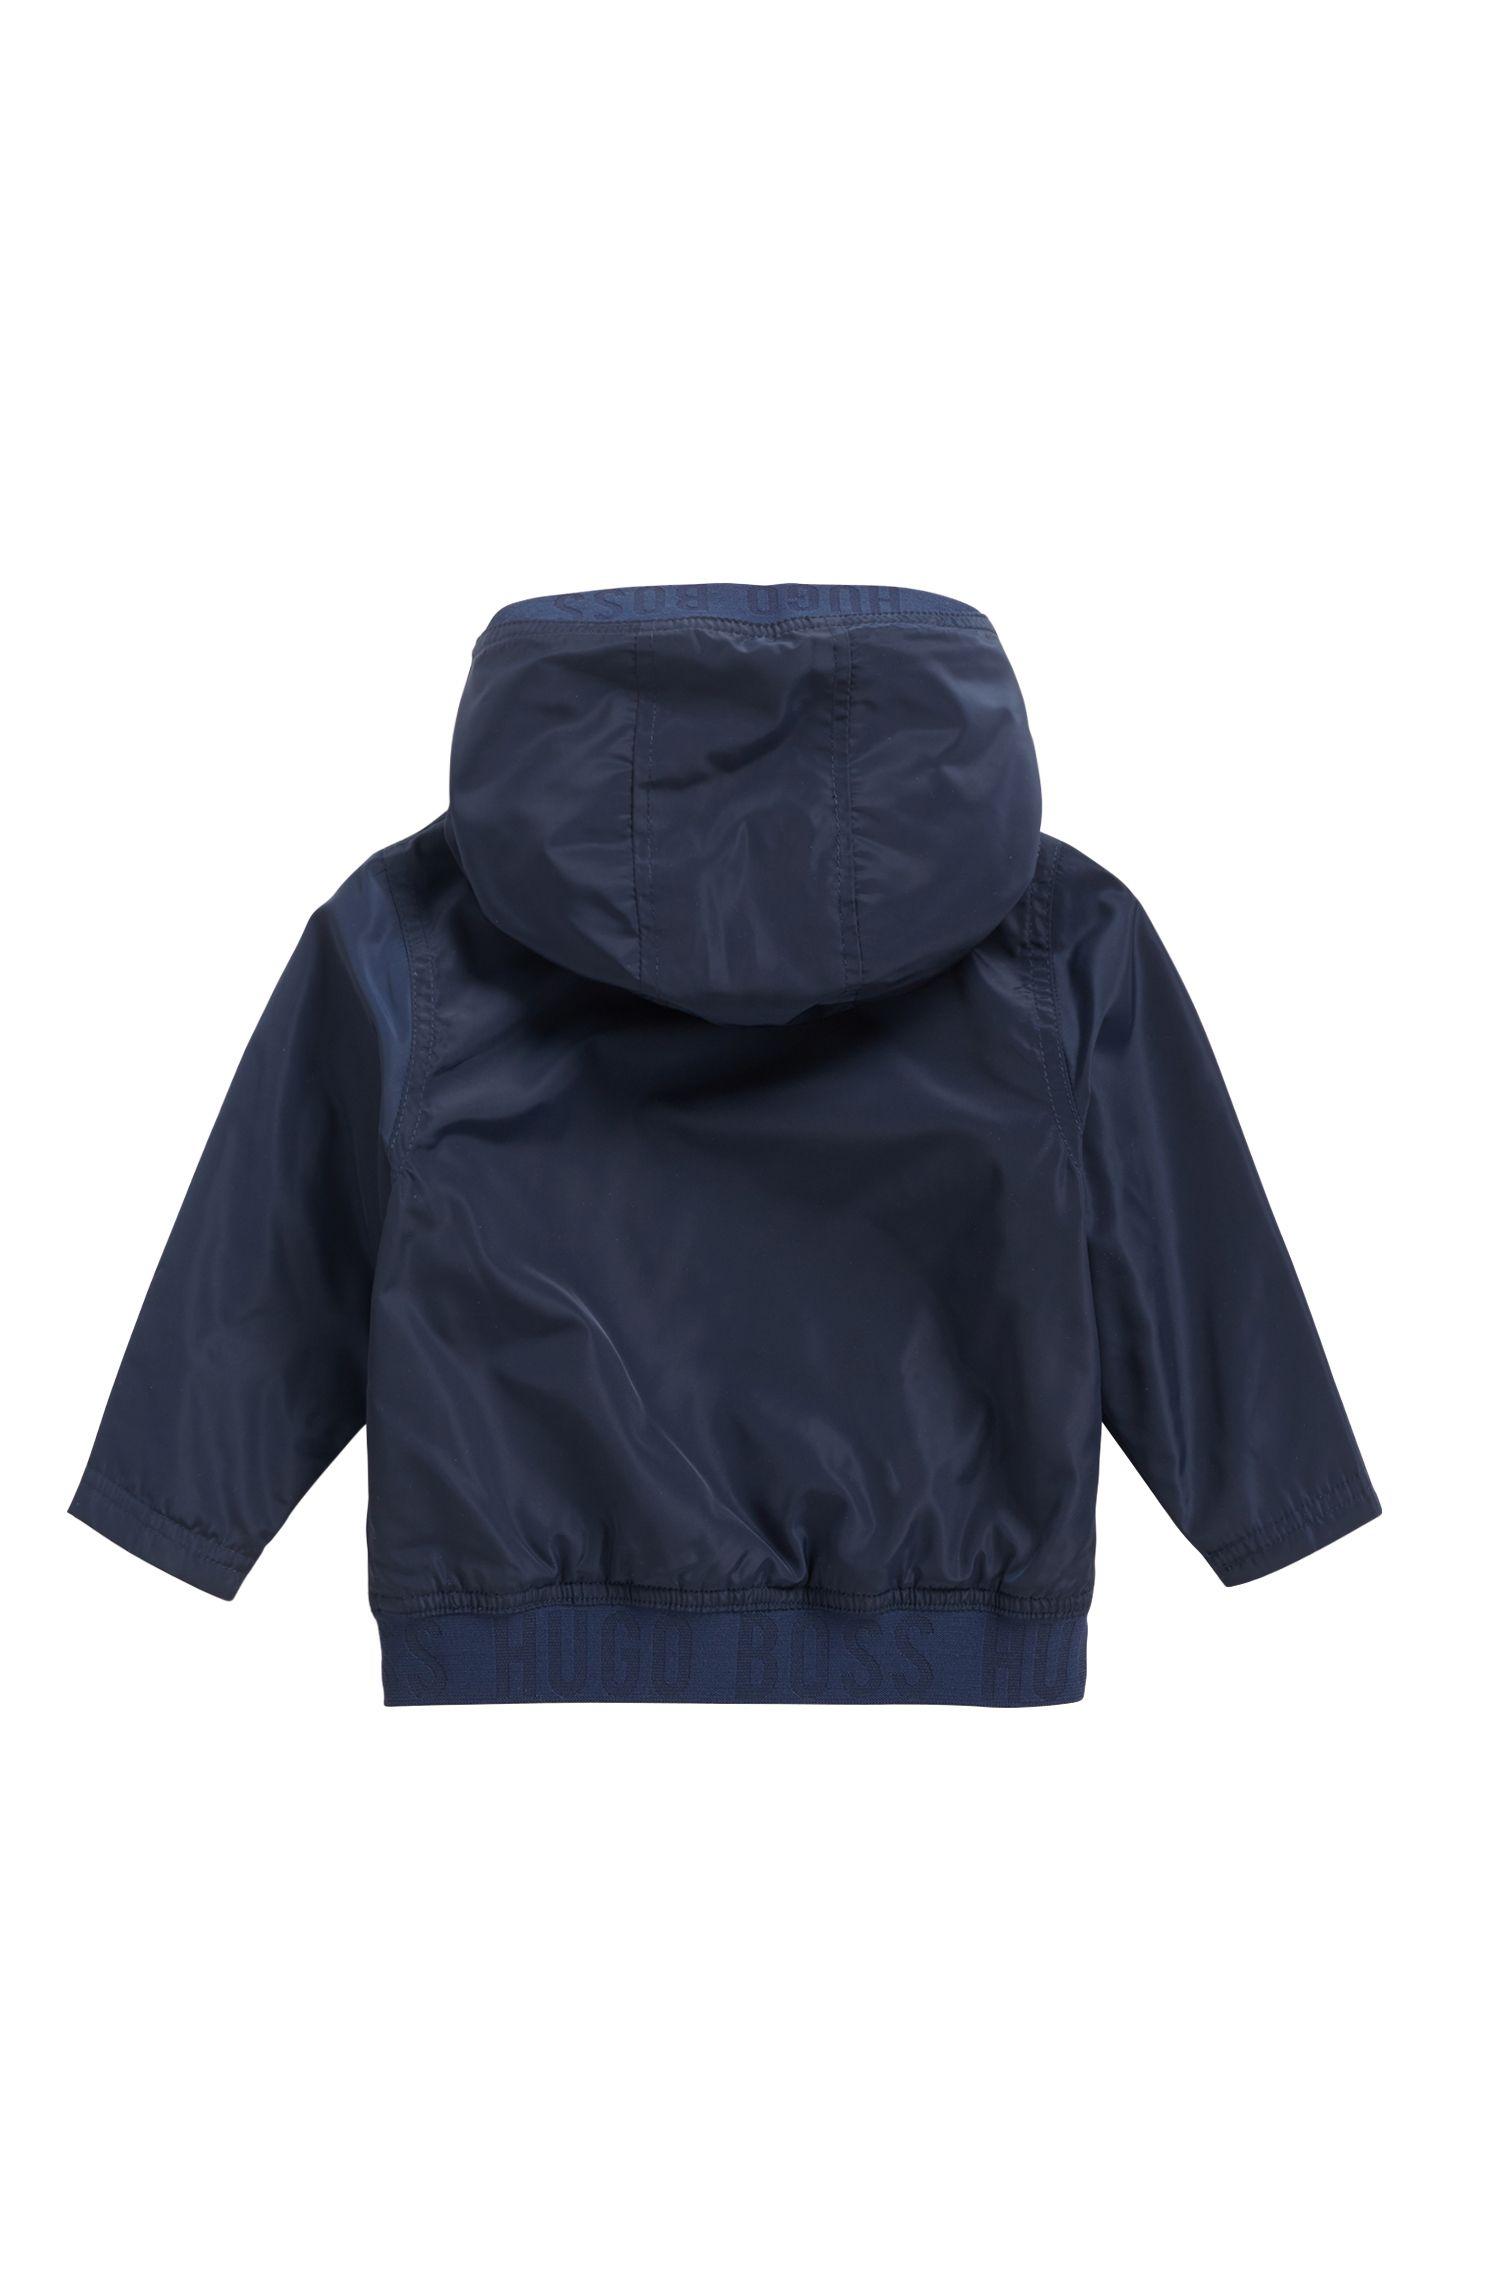 Veste coupe-vent pour enfant Regular Fit avec garnissage léger, Bleu foncé